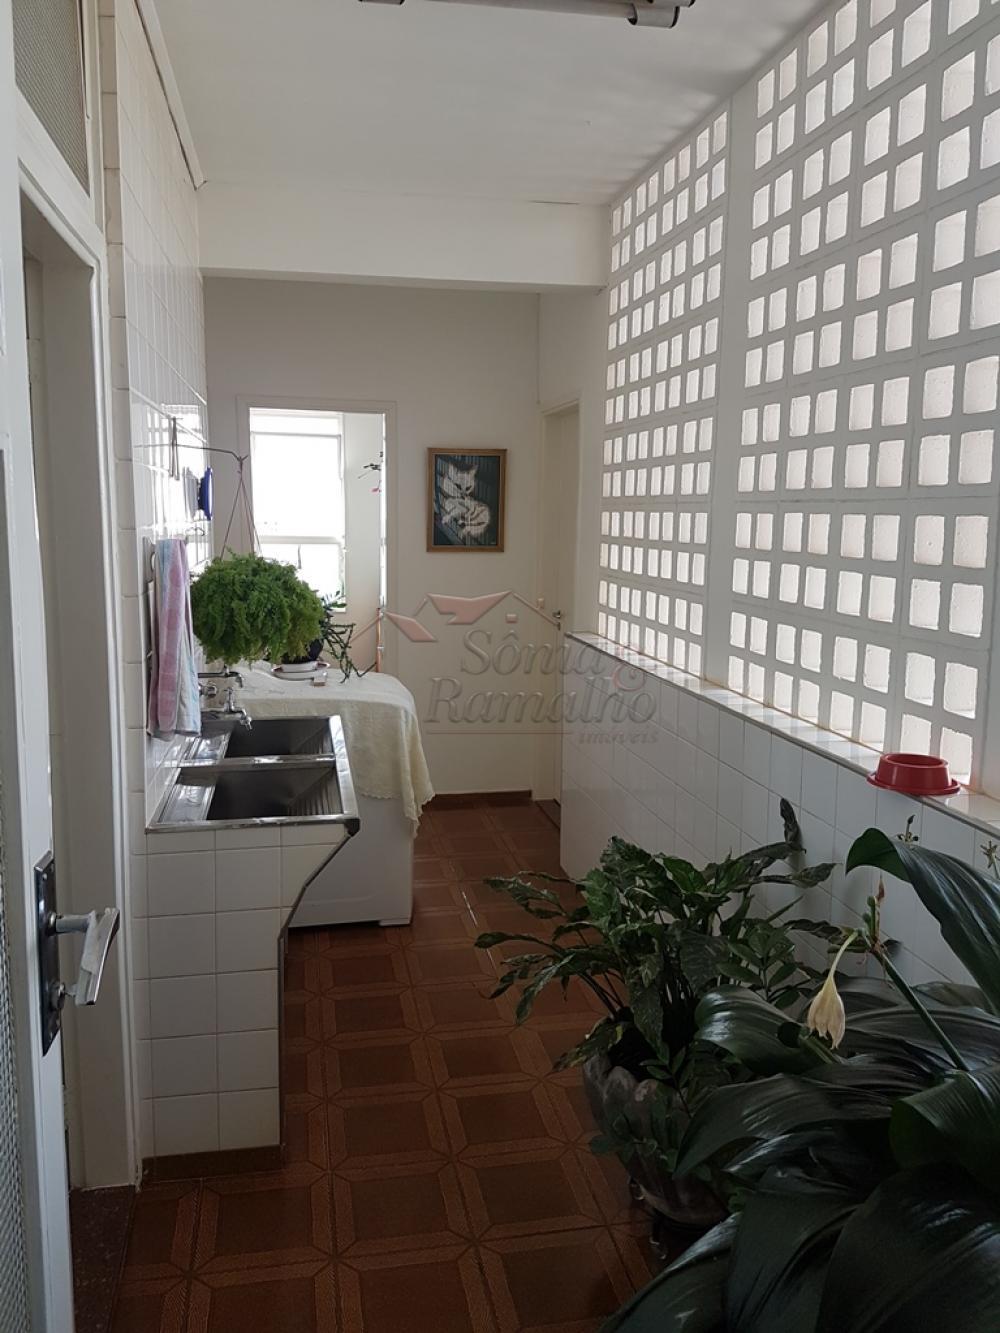 Comprar Apartamentos / Padrão em Ribeirão Preto apenas R$ 500.000,00 - Foto 25